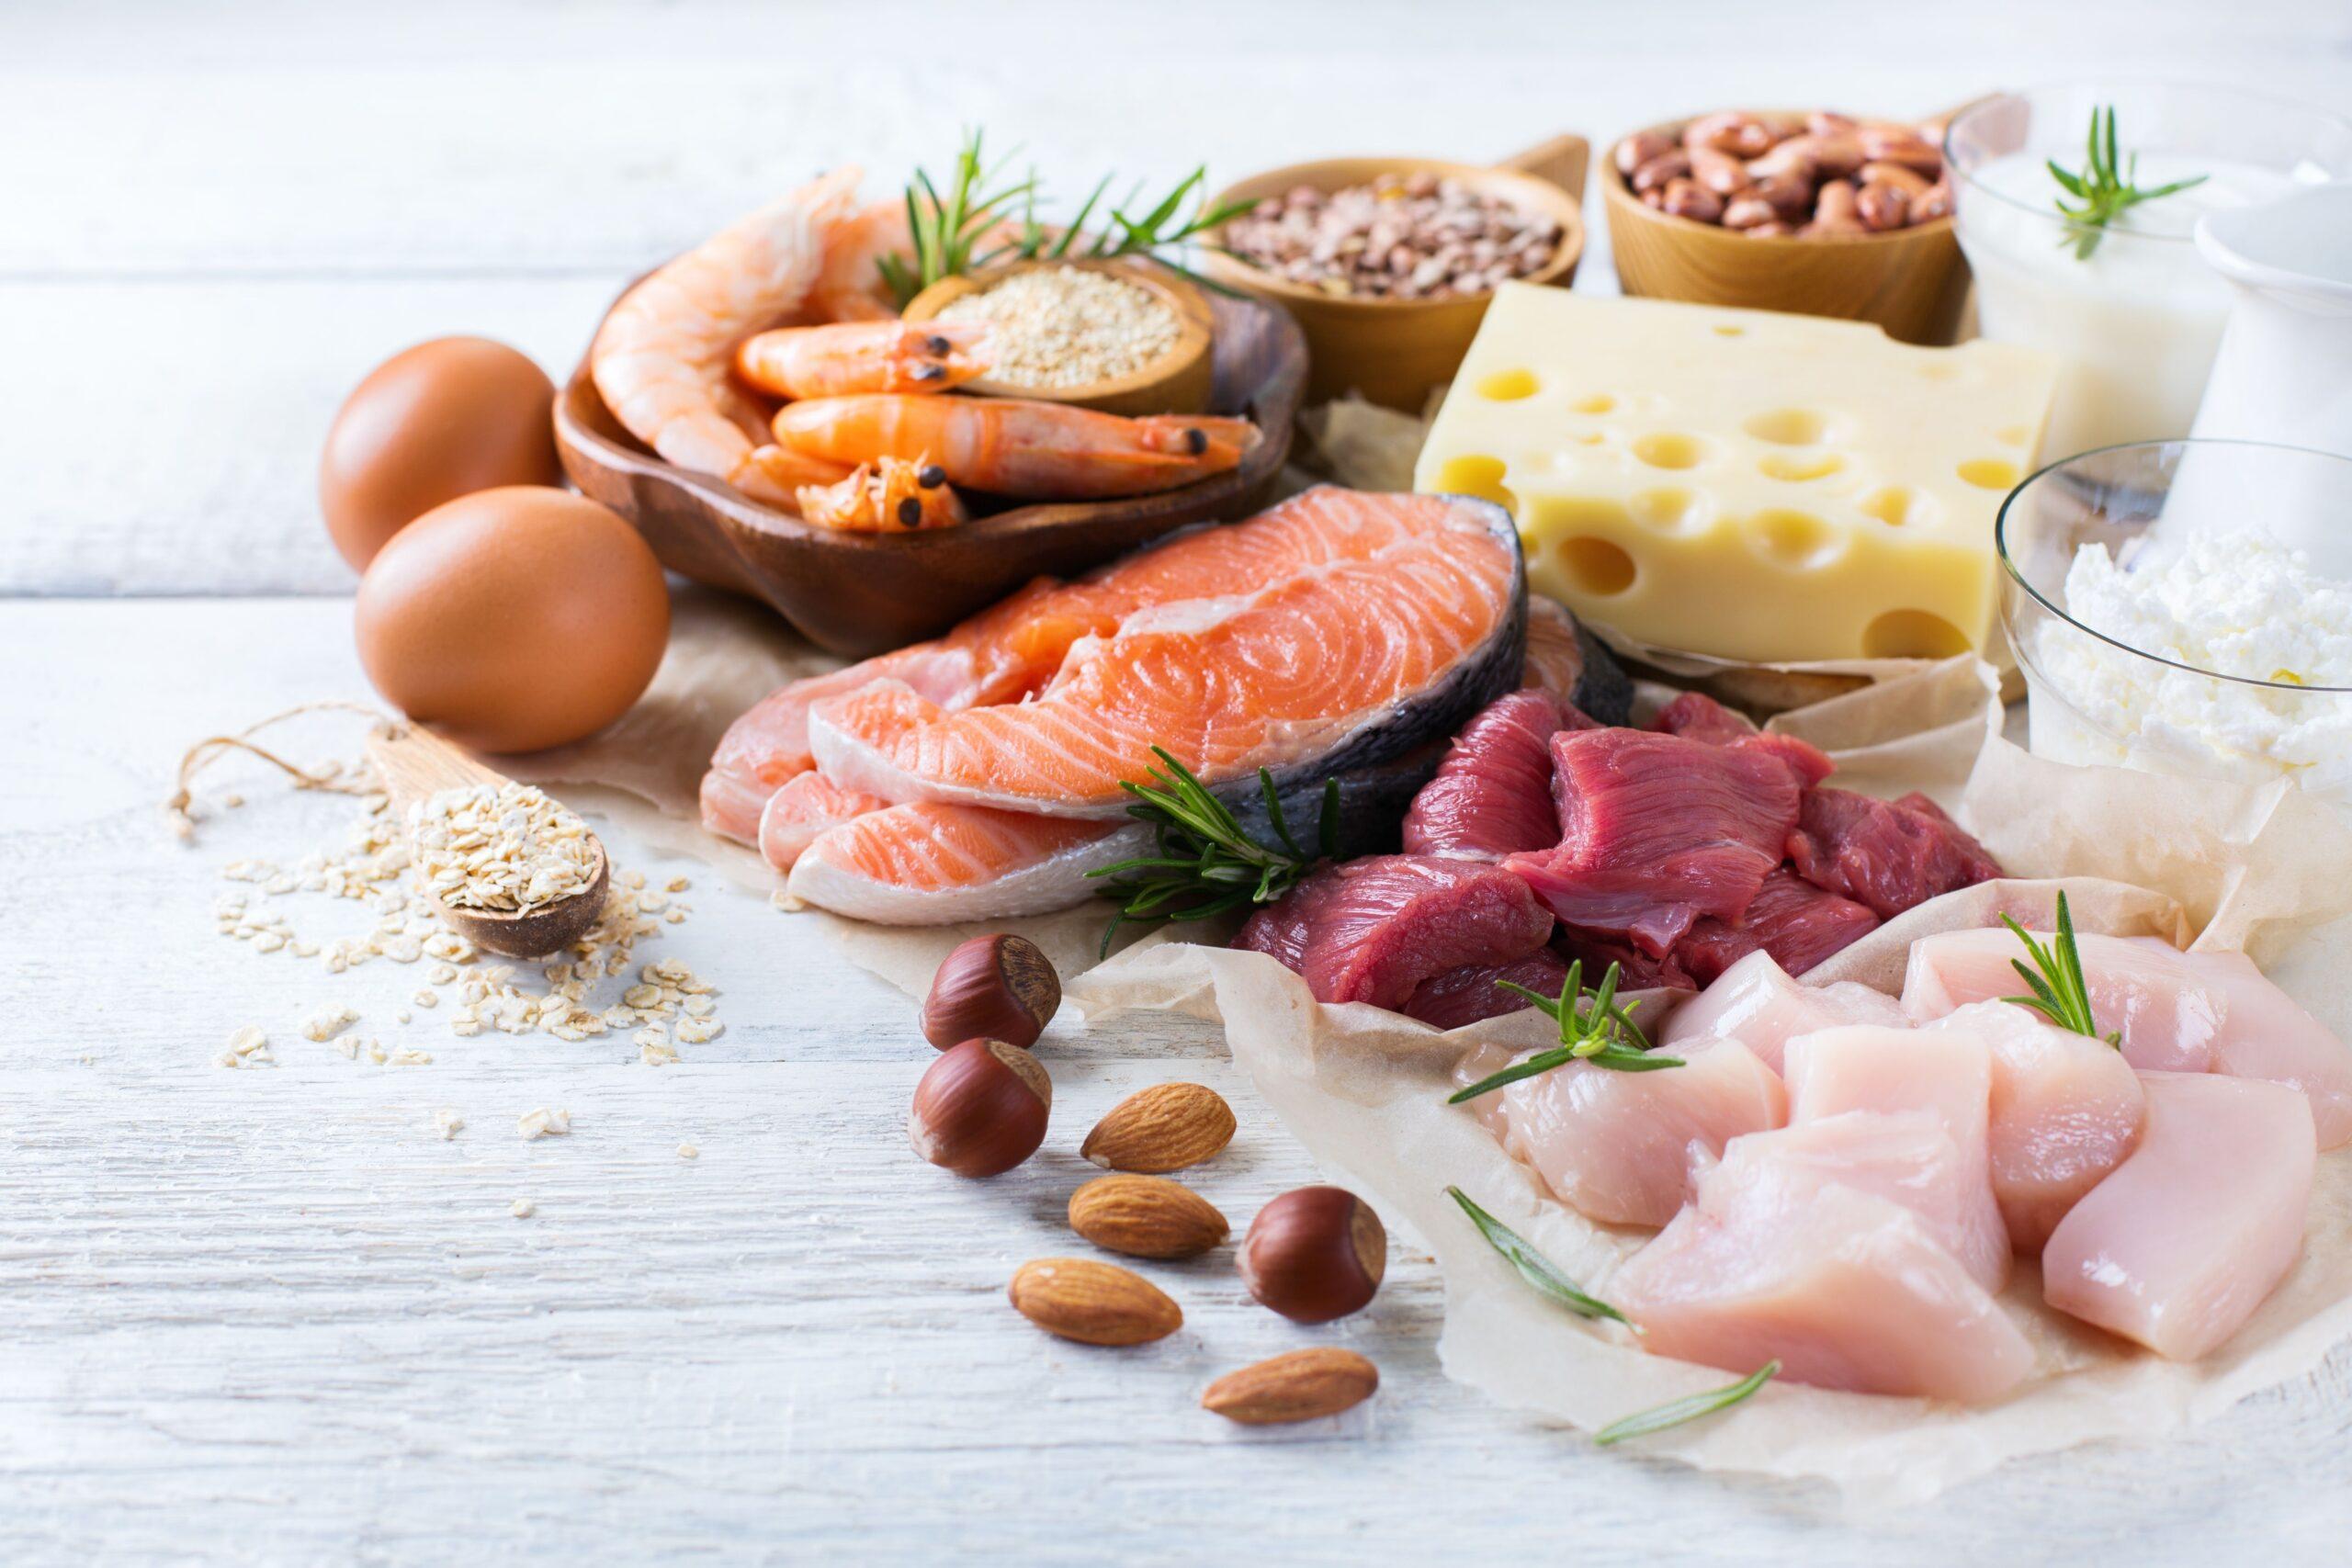 ¿Qué cambios experimentamos en nuestro cuerpo cuando mejoramos nuestros hábitos alimentarios?